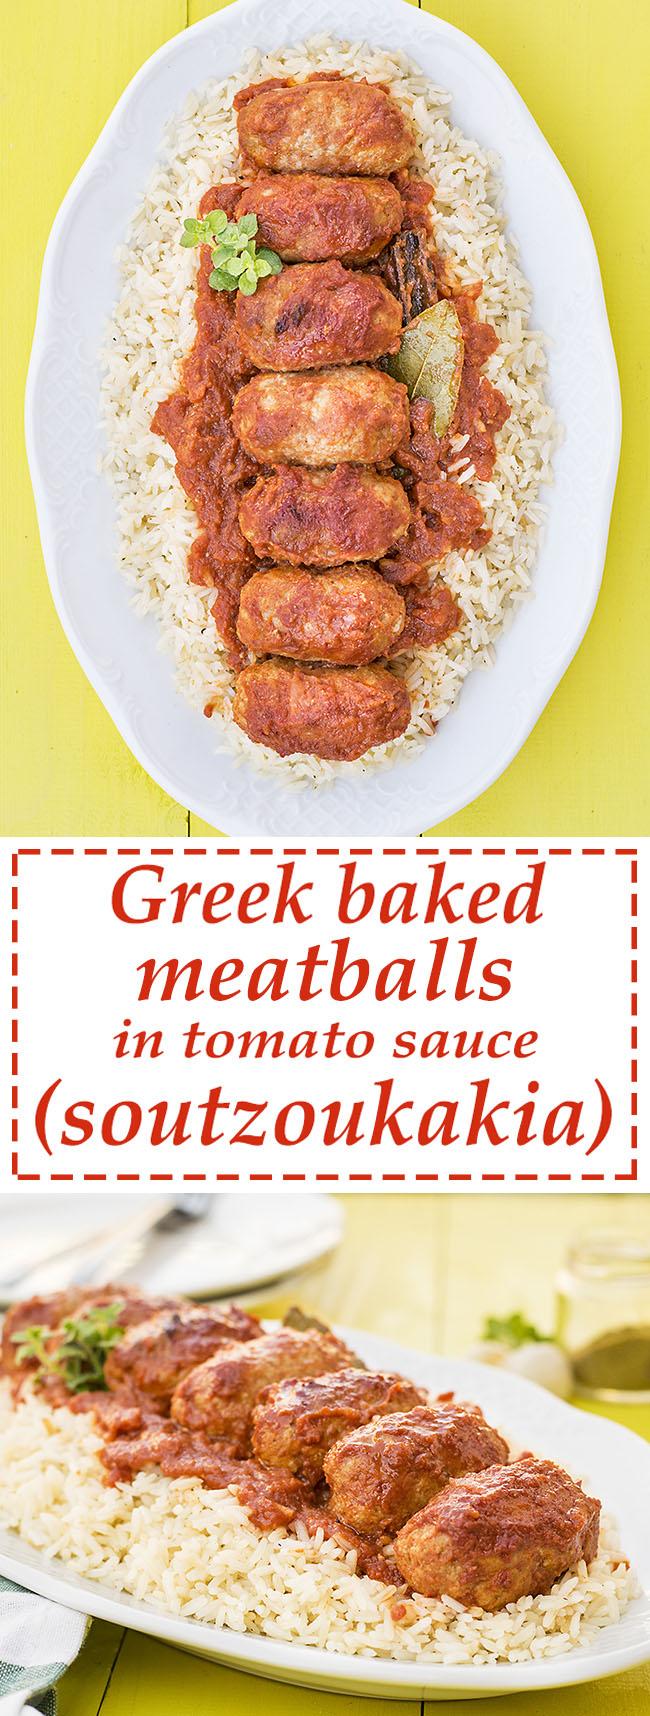 Greek baked meatballs in tomato sauce (soutzoukakia) 5